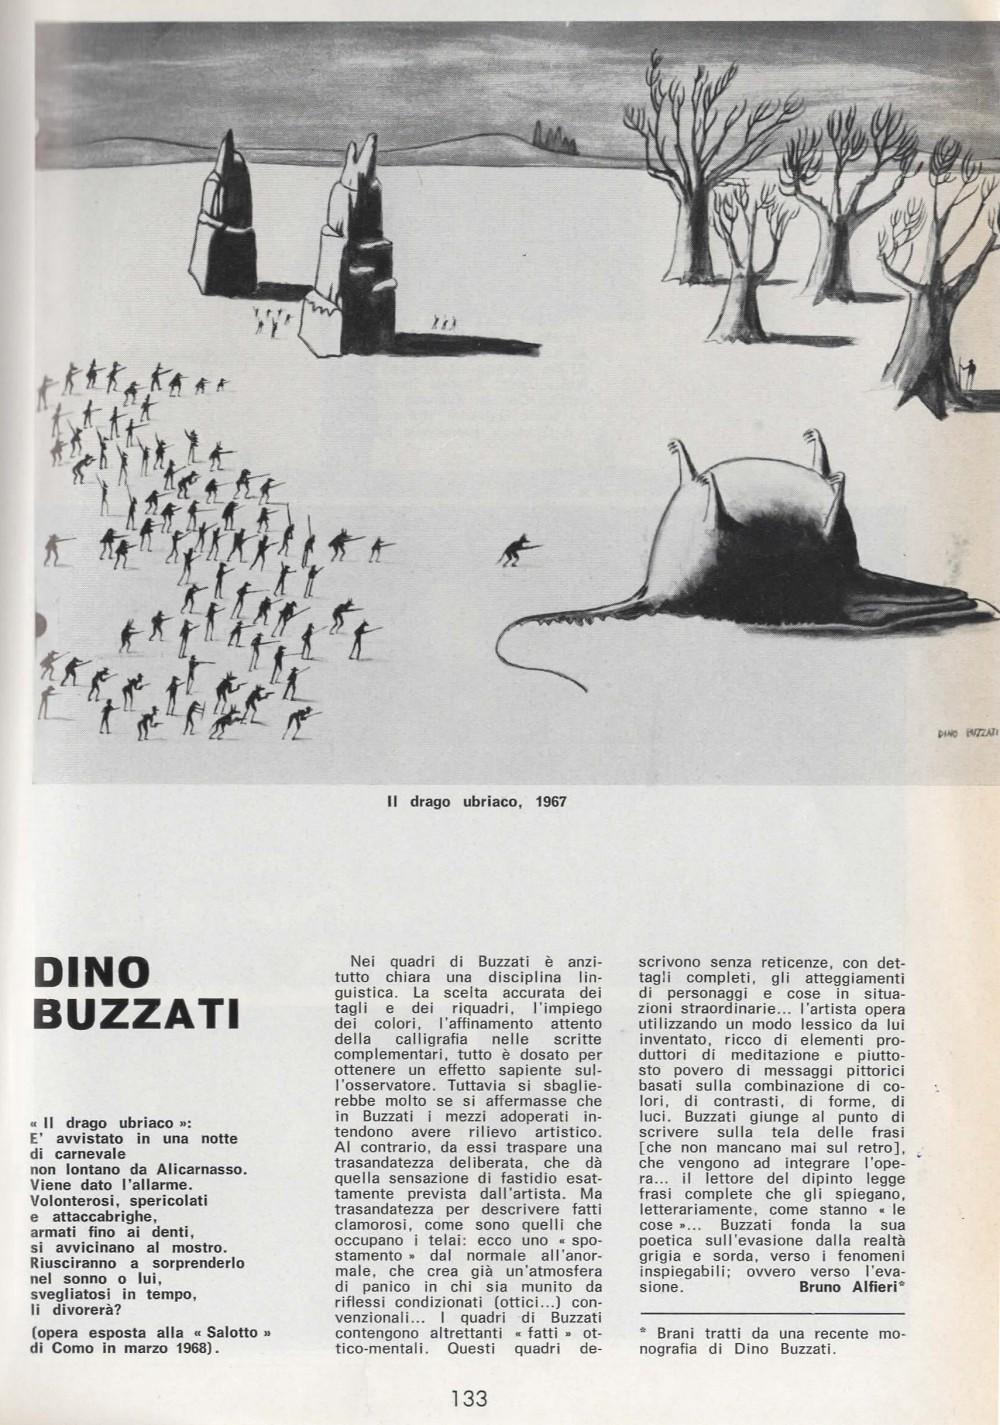 """D'ARS n. 40 anno IX . febbraio/giugno 1968, pag. 133. Immagine: Il Drago Ubriaco, 1967 – opera esposta alla Galleria """"Salotto"""" di Como, 1968"""